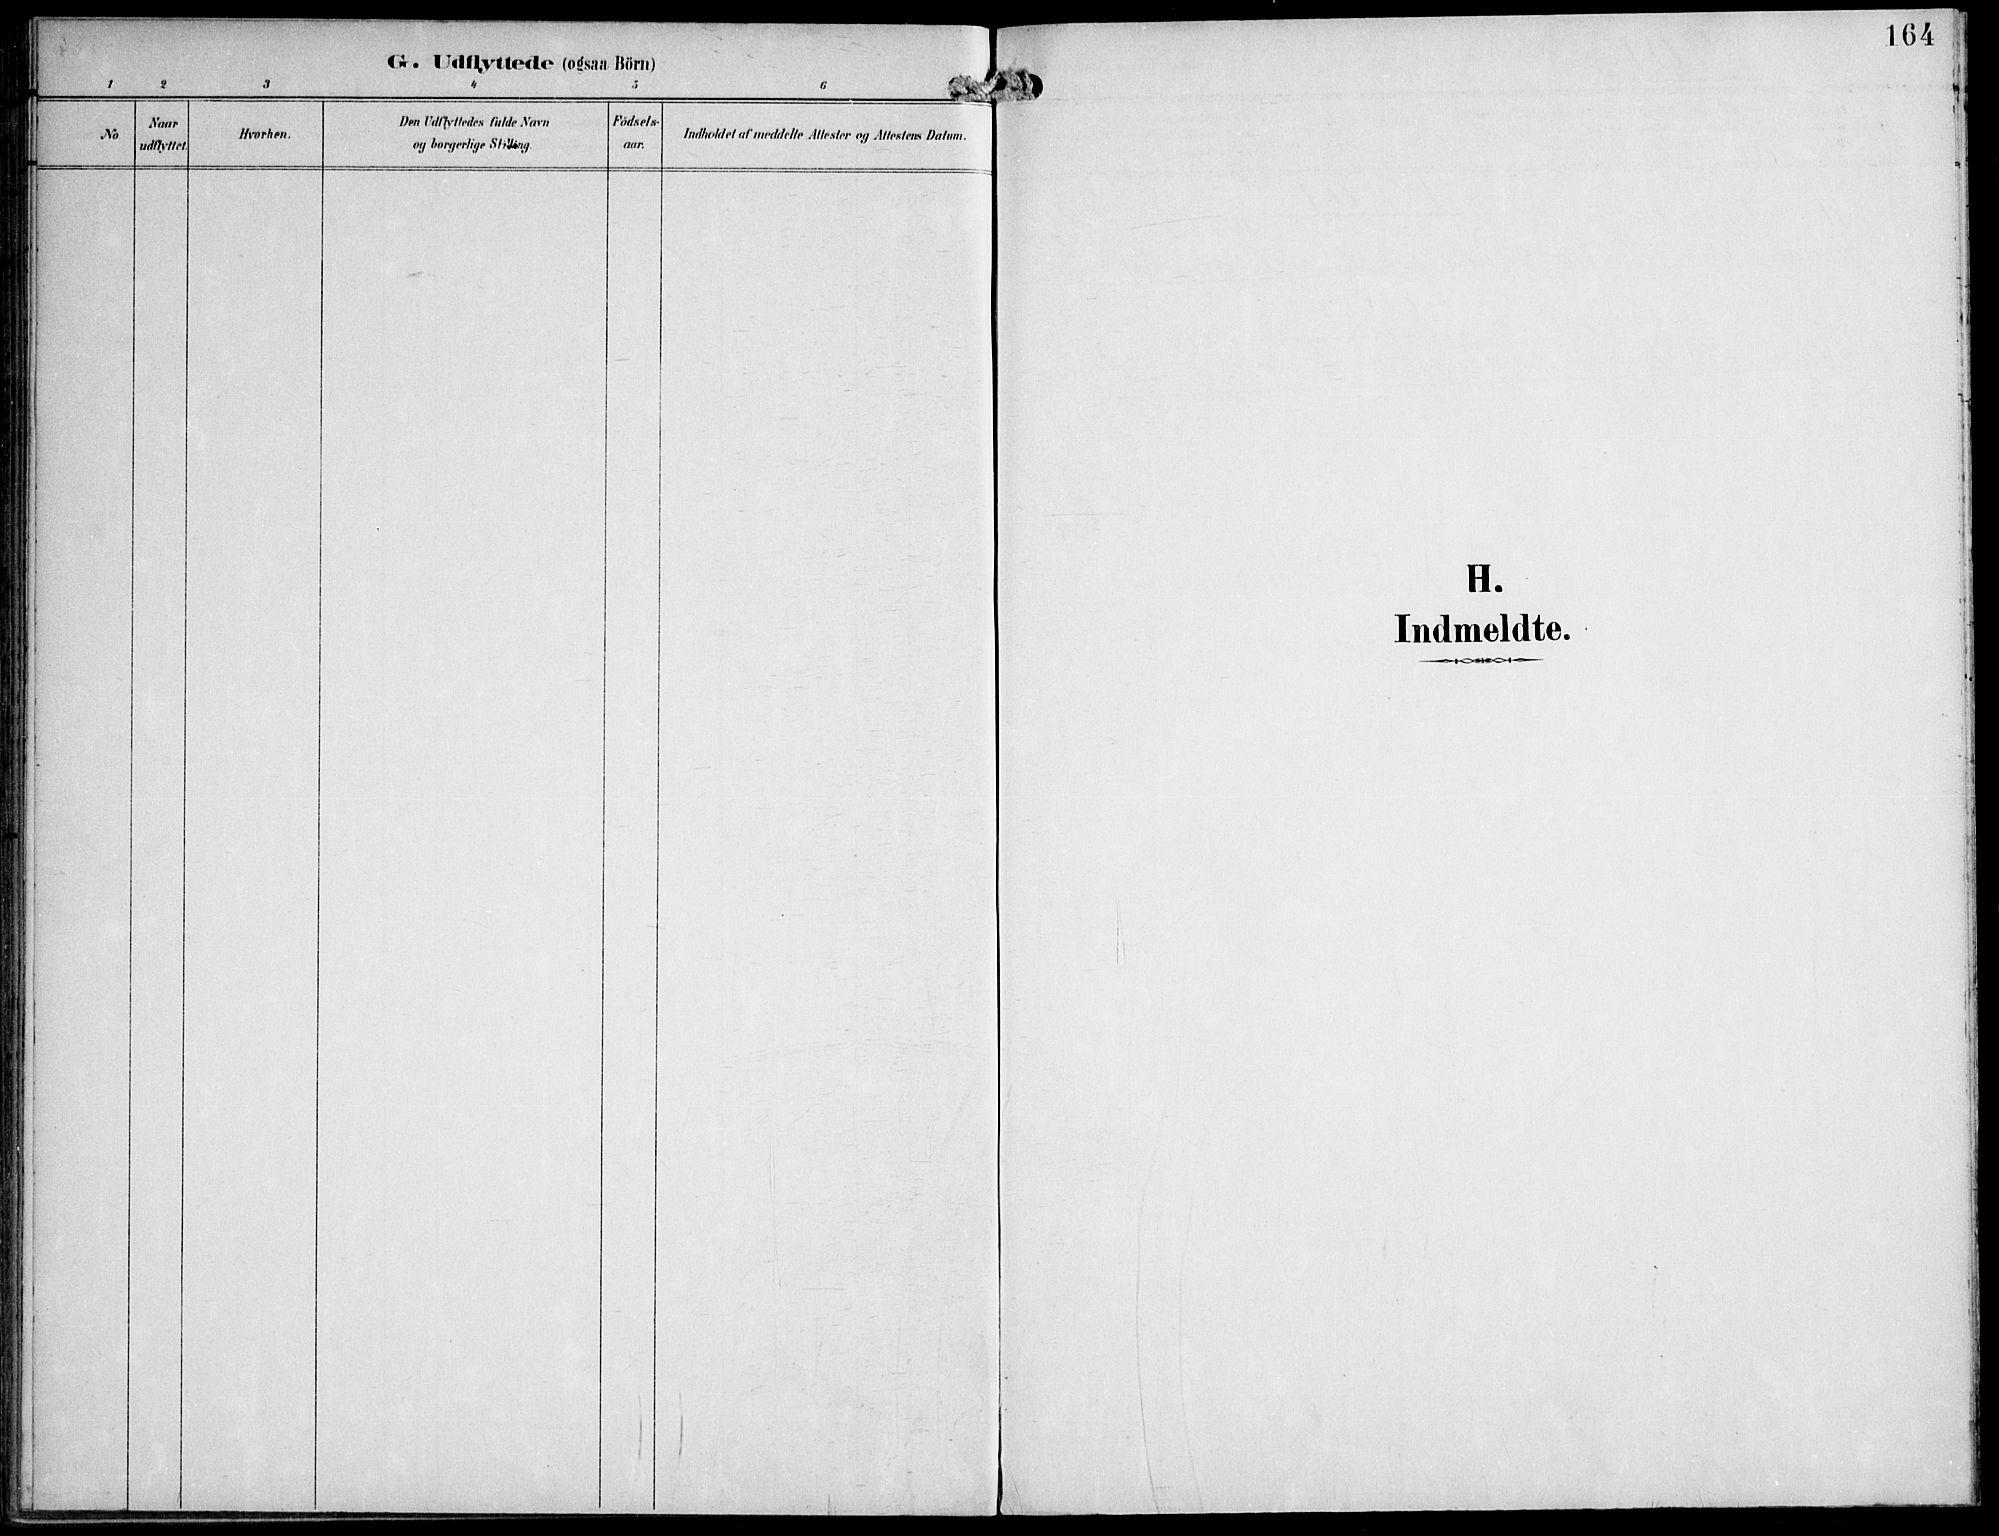 SAT, Ministerialprotokoller, klokkerbøker og fødselsregistre - Nord-Trøndelag, 745/L0430: Ministerialbok nr. 745A02, 1895-1913, s. 164